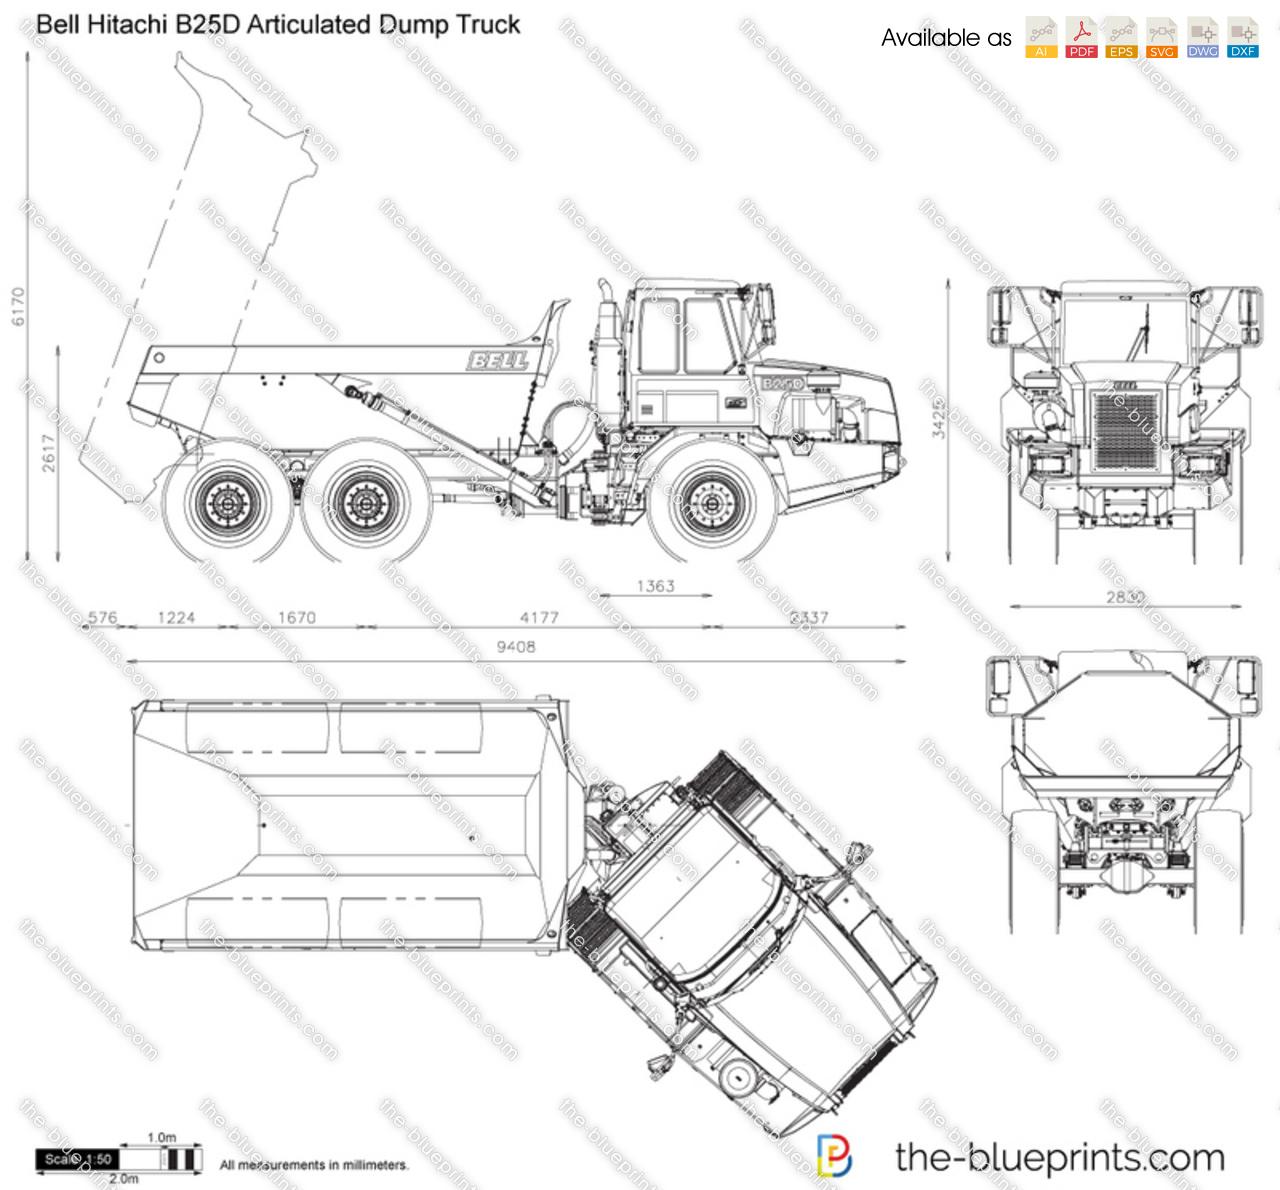 Bell Hitachi B25D Articulated Dump Truck